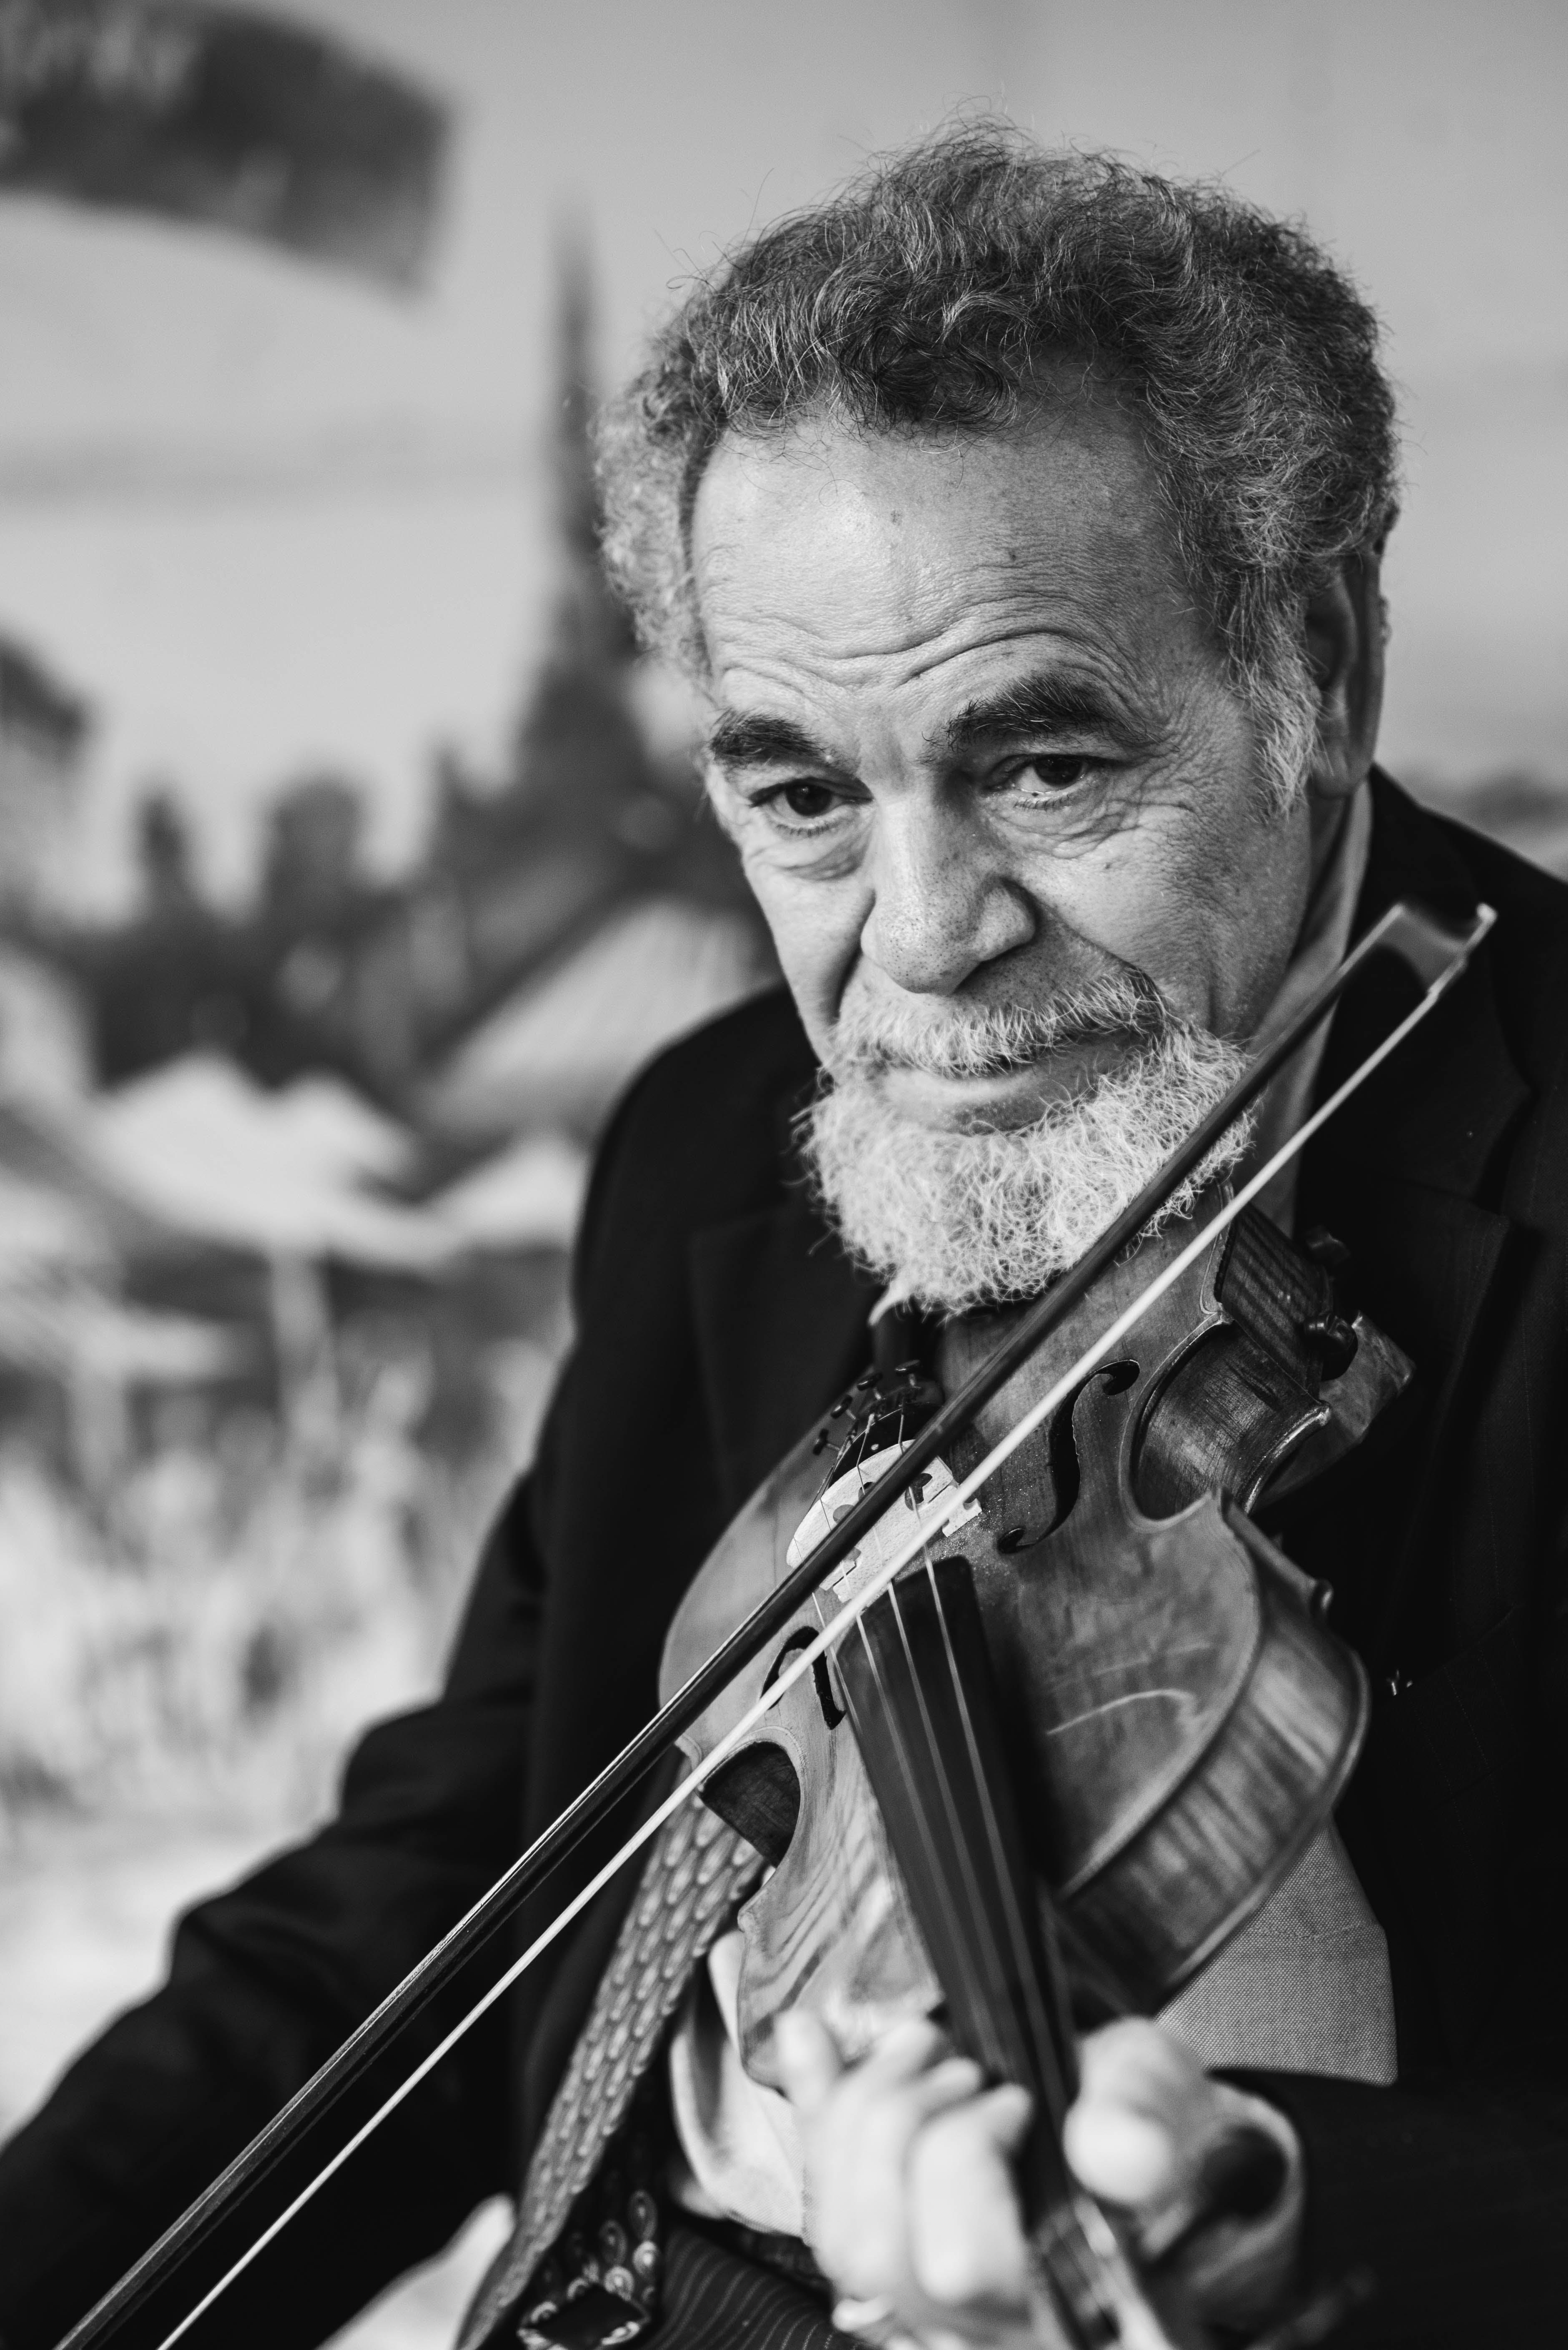 공연, 노인, 뮤지션, 바이올리니스트의 무료 스톡 사진